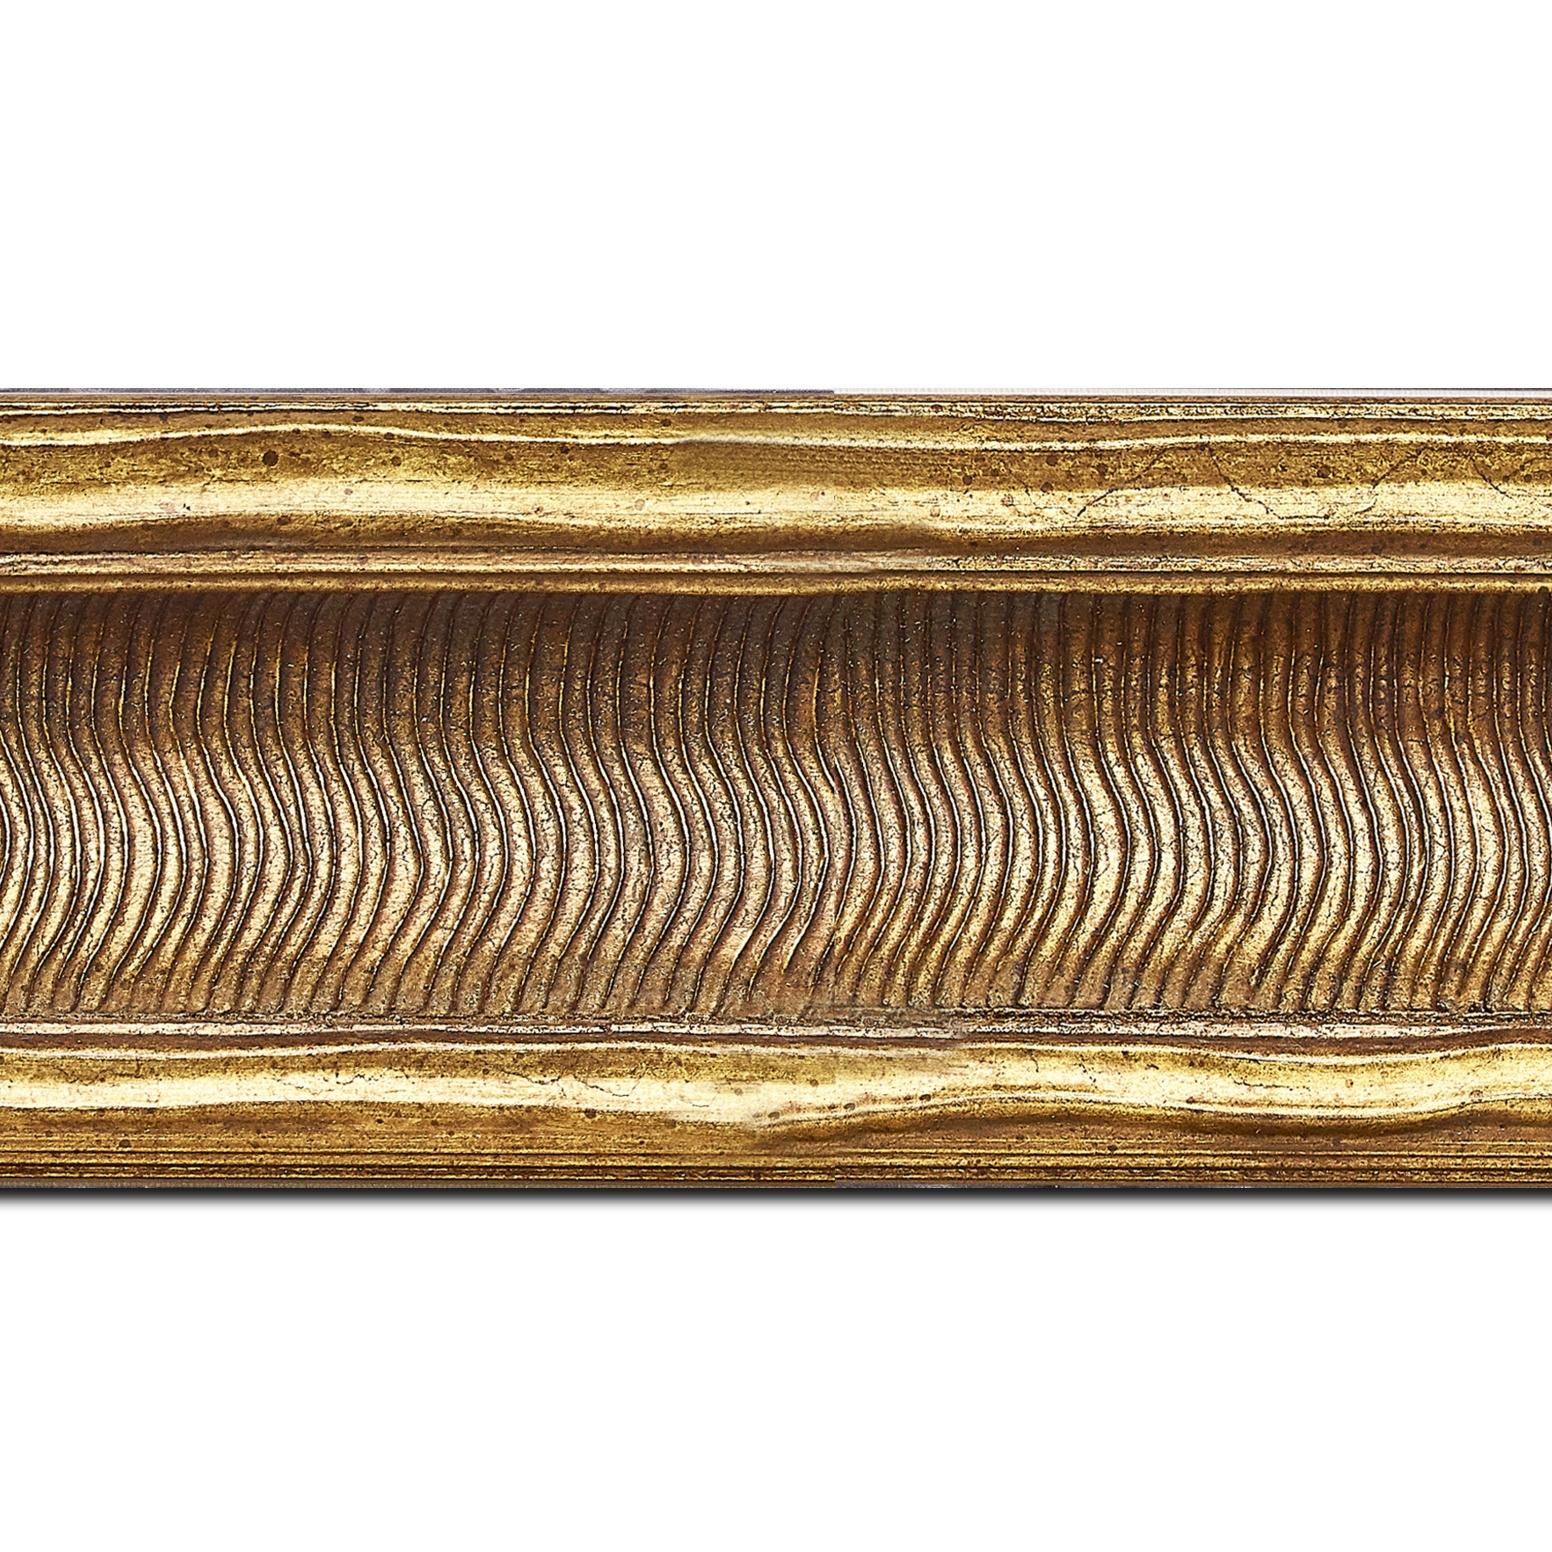 Baguette longueur 1.40m bois profil incurvé largeur 8.5cm or antique